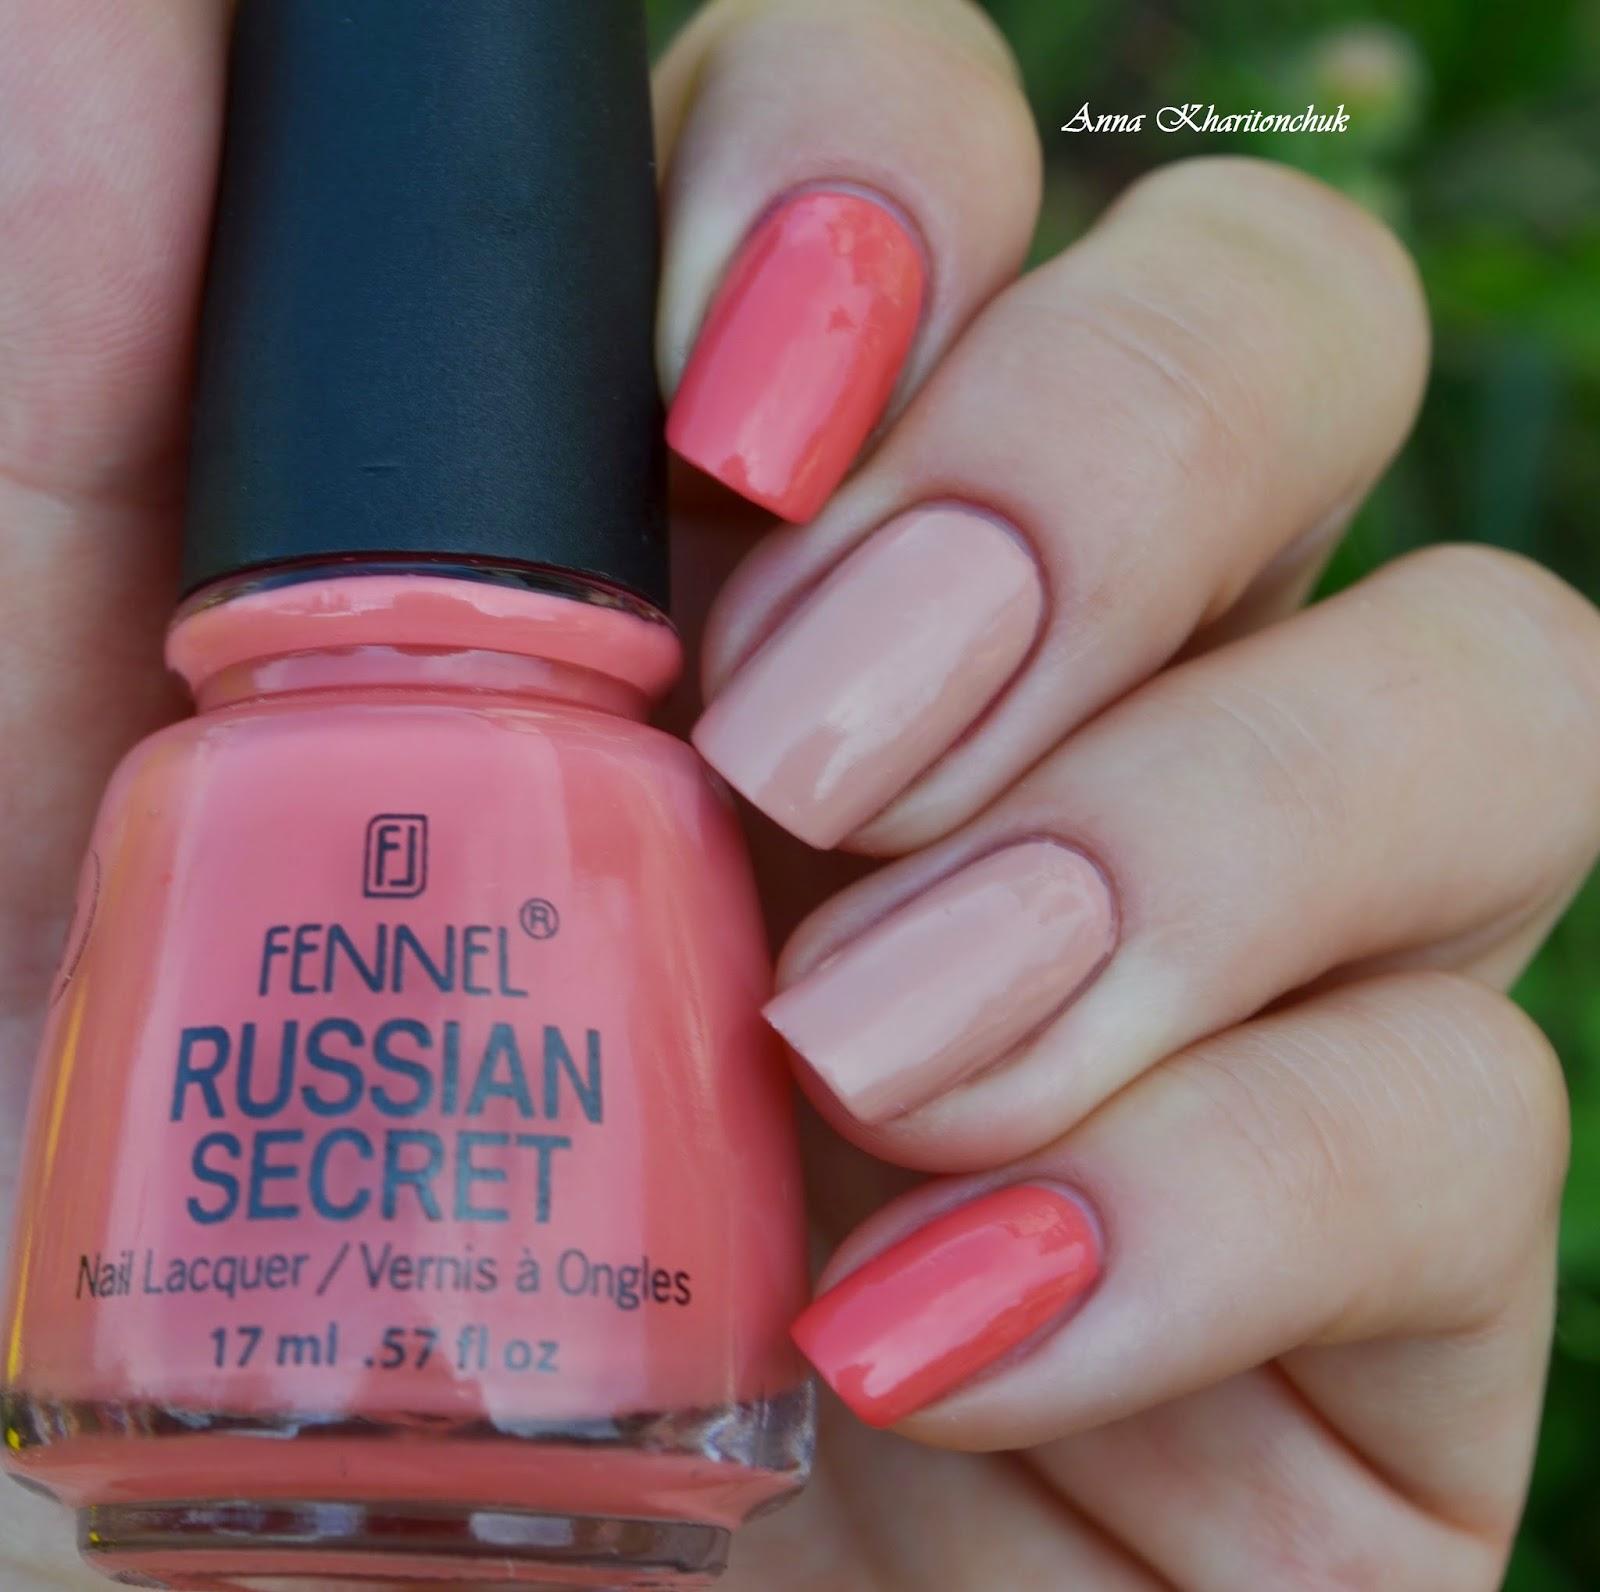 Дуэт Fennel Russian Secret # 3 и Fennel Russian Secret # 18